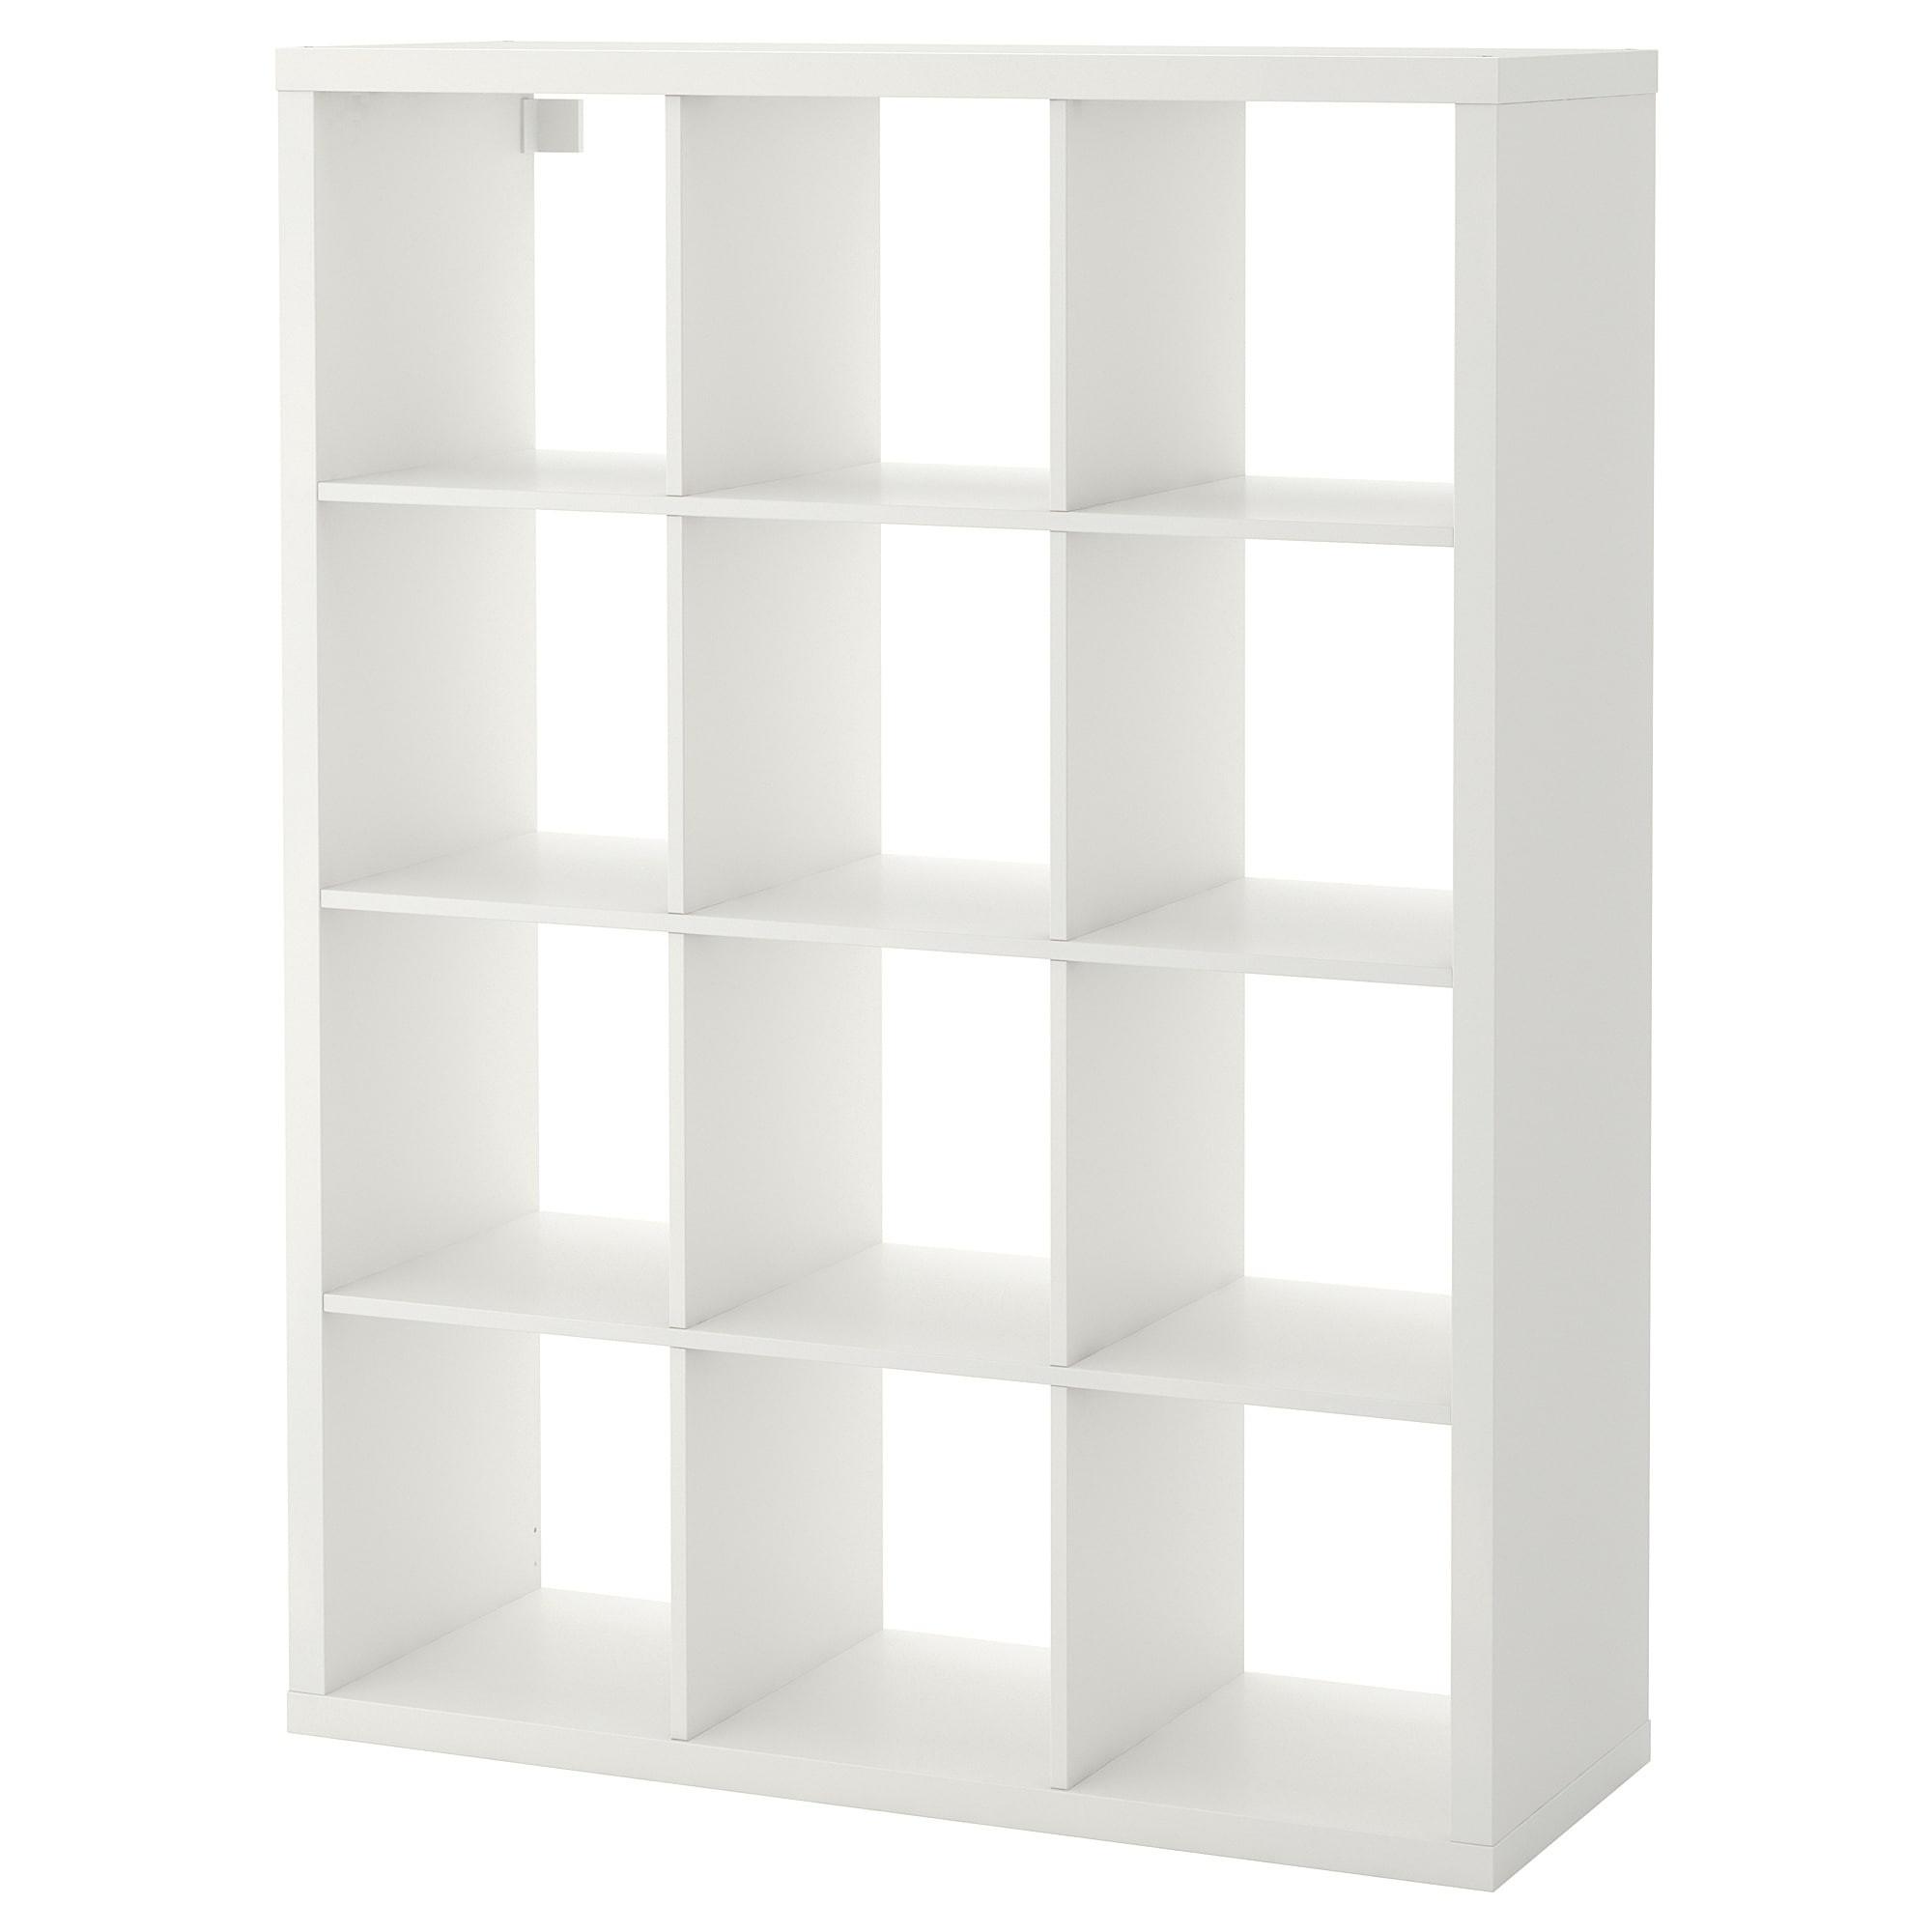 Ikea Etagere Cube Die 64 Besten Bilder Von Kallax Regal In avec Rangement Cd Ikea